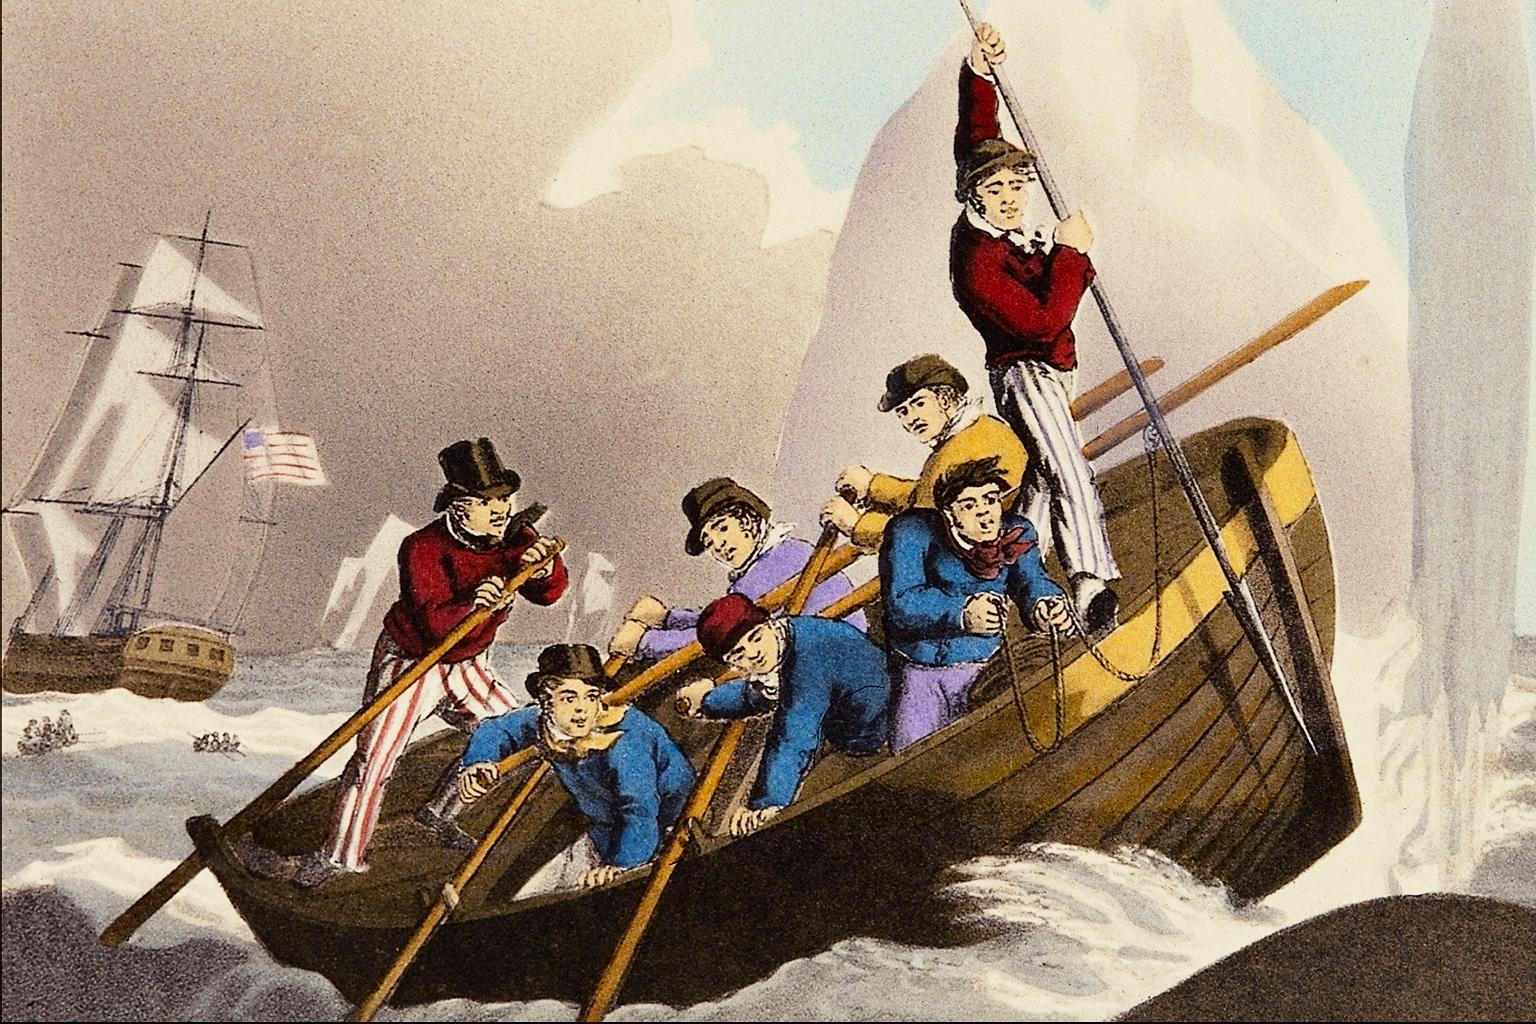 Le projet de Watkins sur Floreana était de s'emparer de tout un bateau en escale, mais faute d'armes à feu en quantité suffisante, il s'évada de son île avec quatre compagnons à bord d'une baleinière.